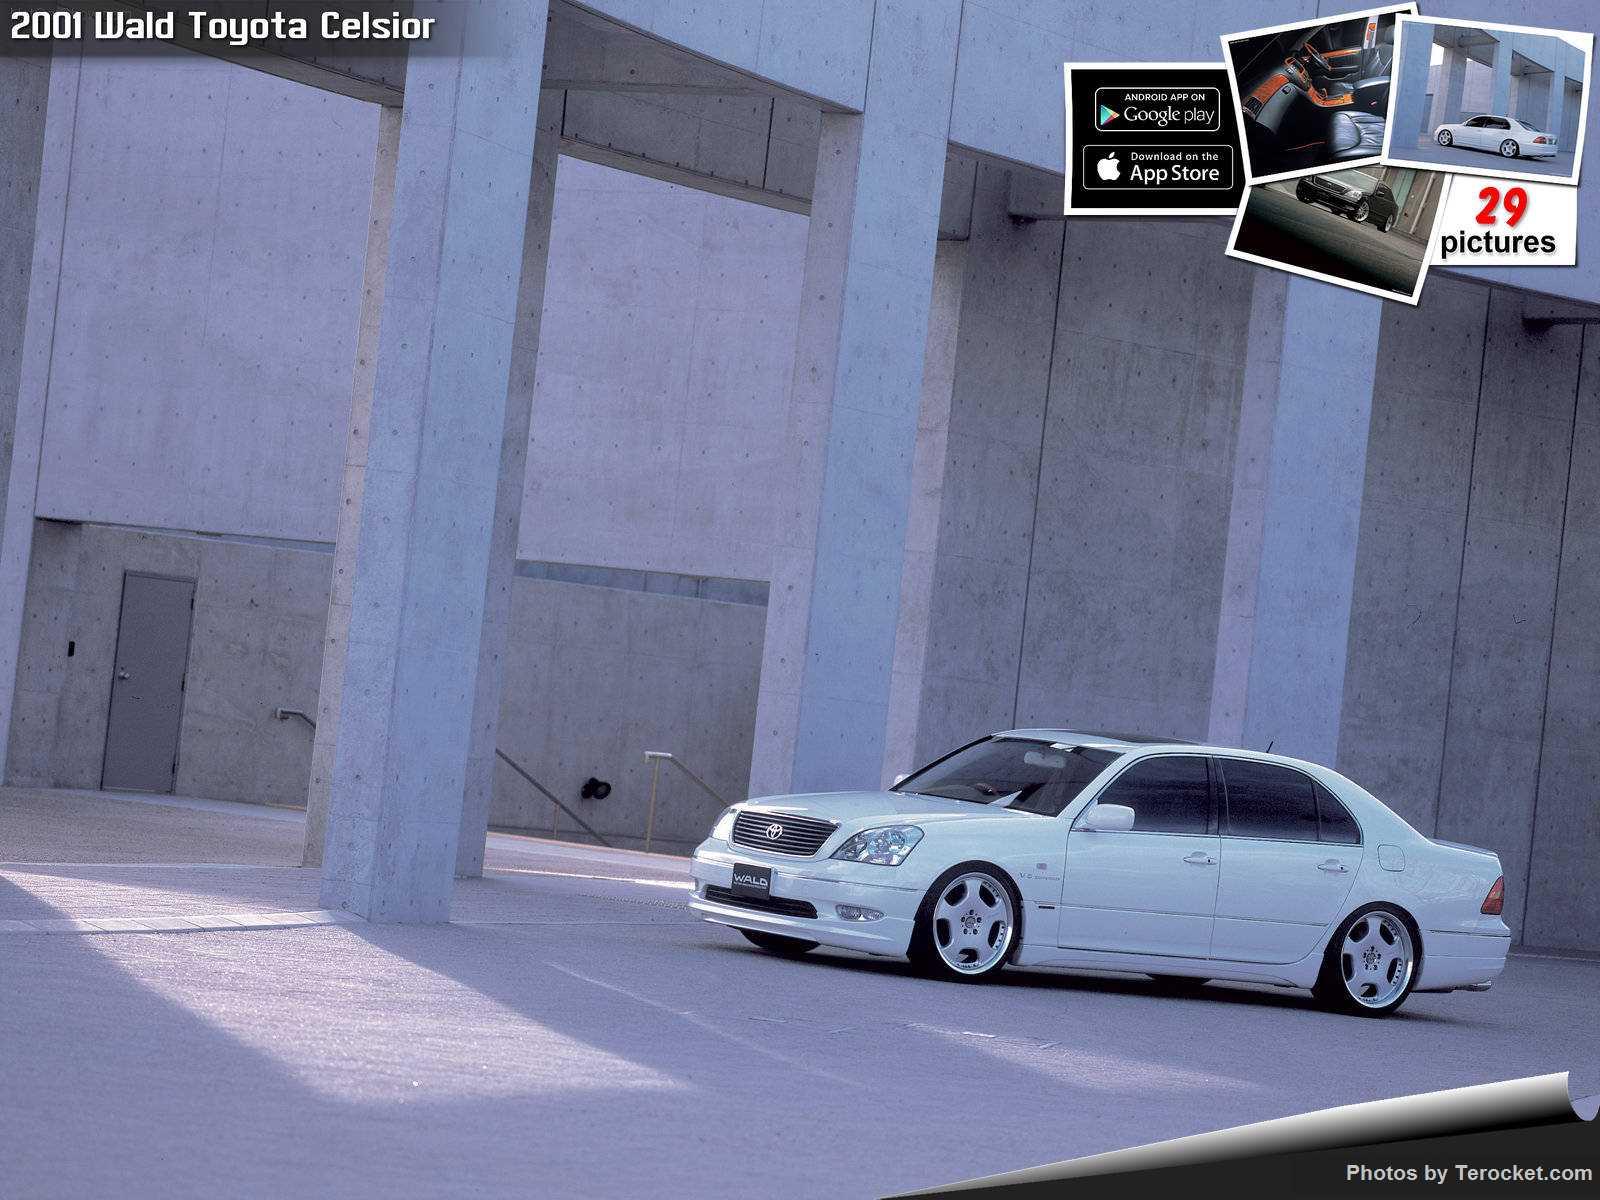 Hình ảnh xe độ Wald Toyota Celsior 2001 & nội ngoại thất